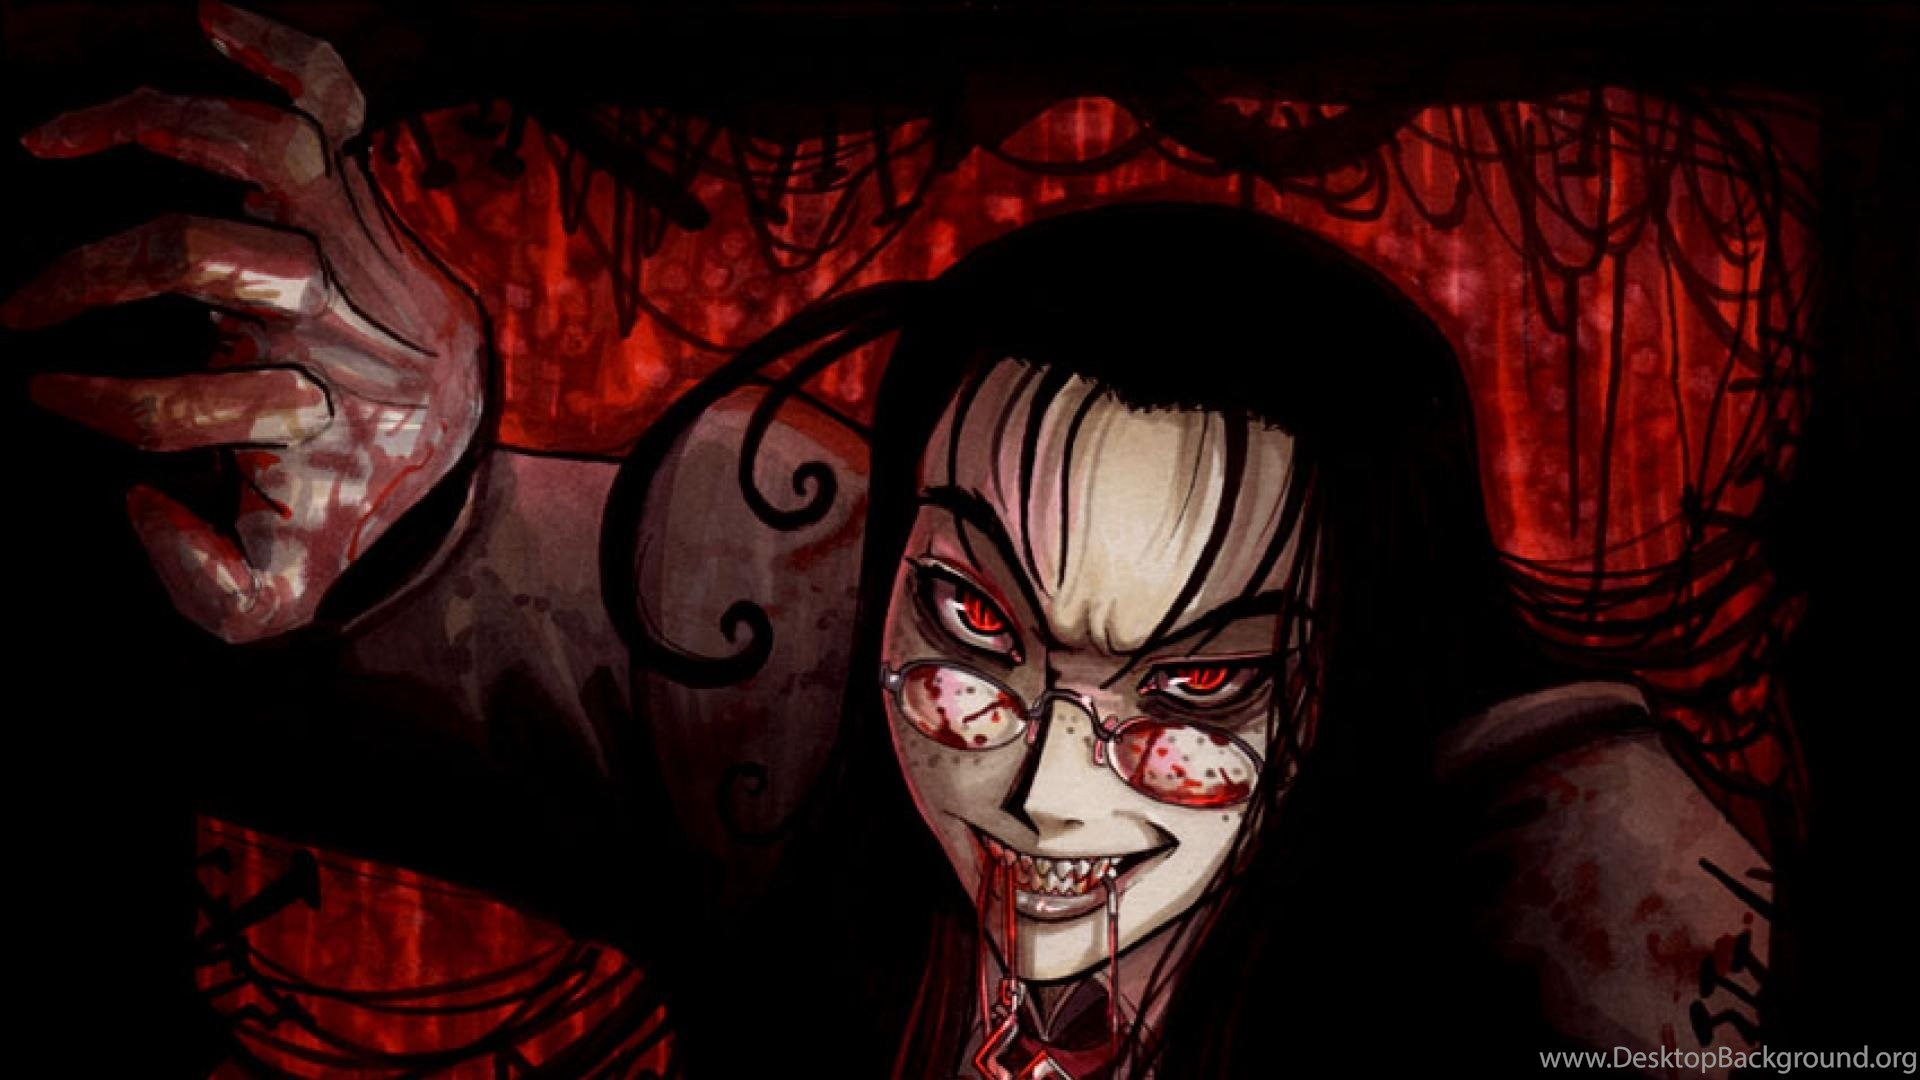 Hellsing Hellsing Ultimate Rip Van Winkle Wallpapers Desktop Background